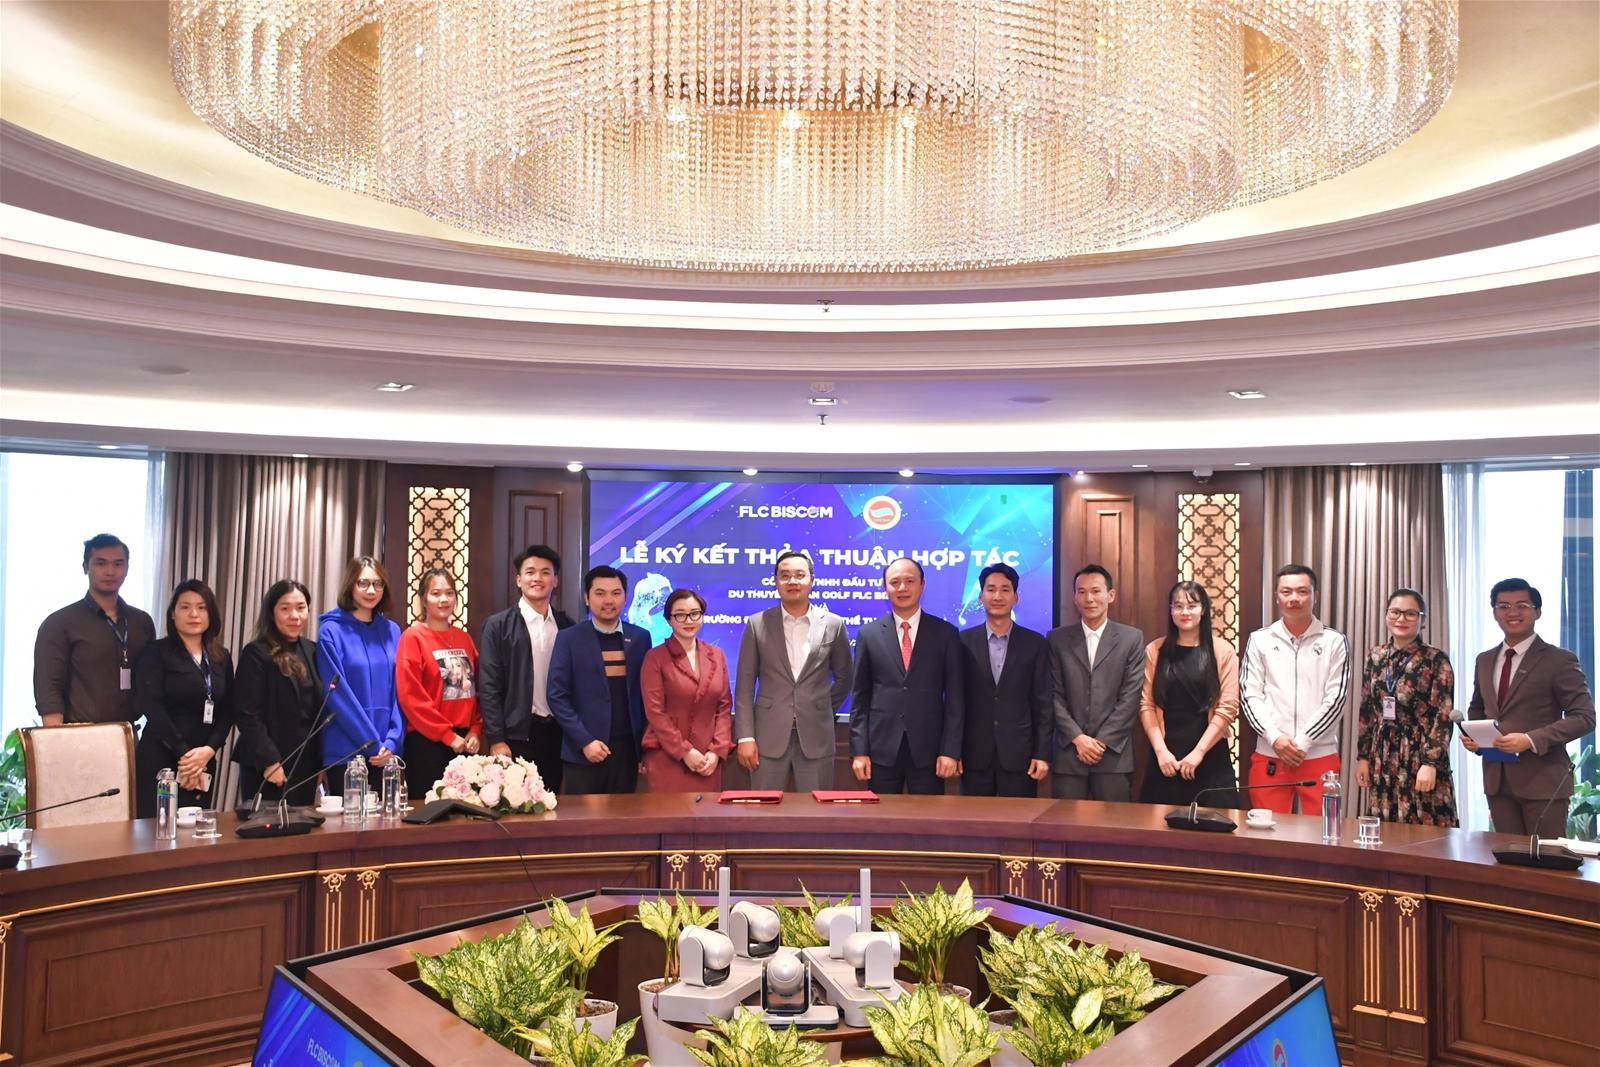 Trường Đại học TDTT Bắc Ninh ký kết thỏa thuận hợp tác với FLC Biscom  - Ảnh 5.